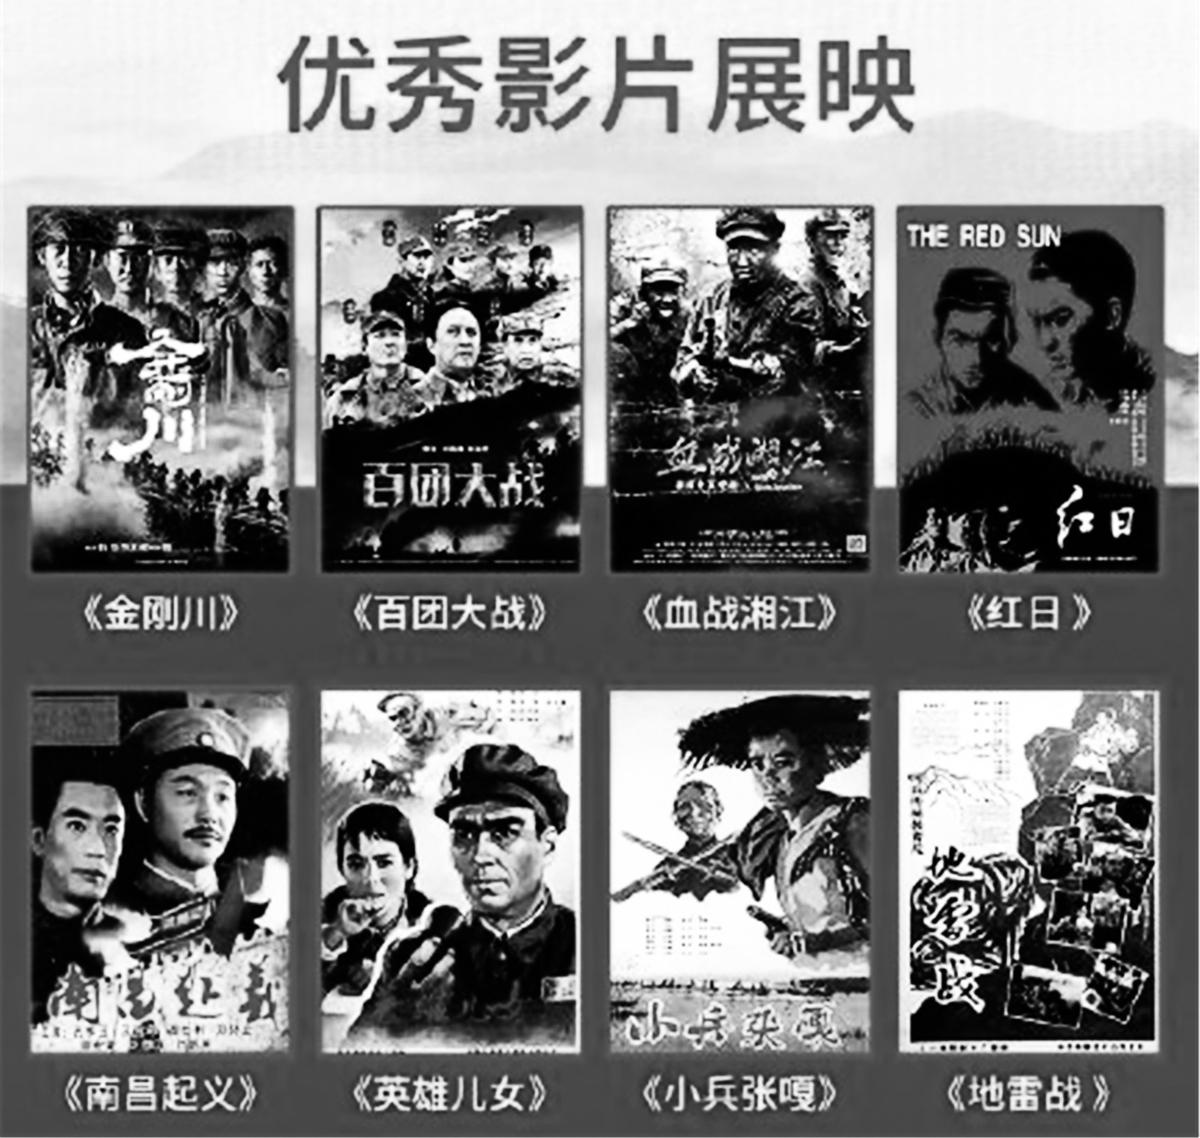 4月初,中共中宣部推出的「紅片」效果並不好,還引起了民眾的很大反感。圖為中宣部組織的影片展的海報。(網路圖片)